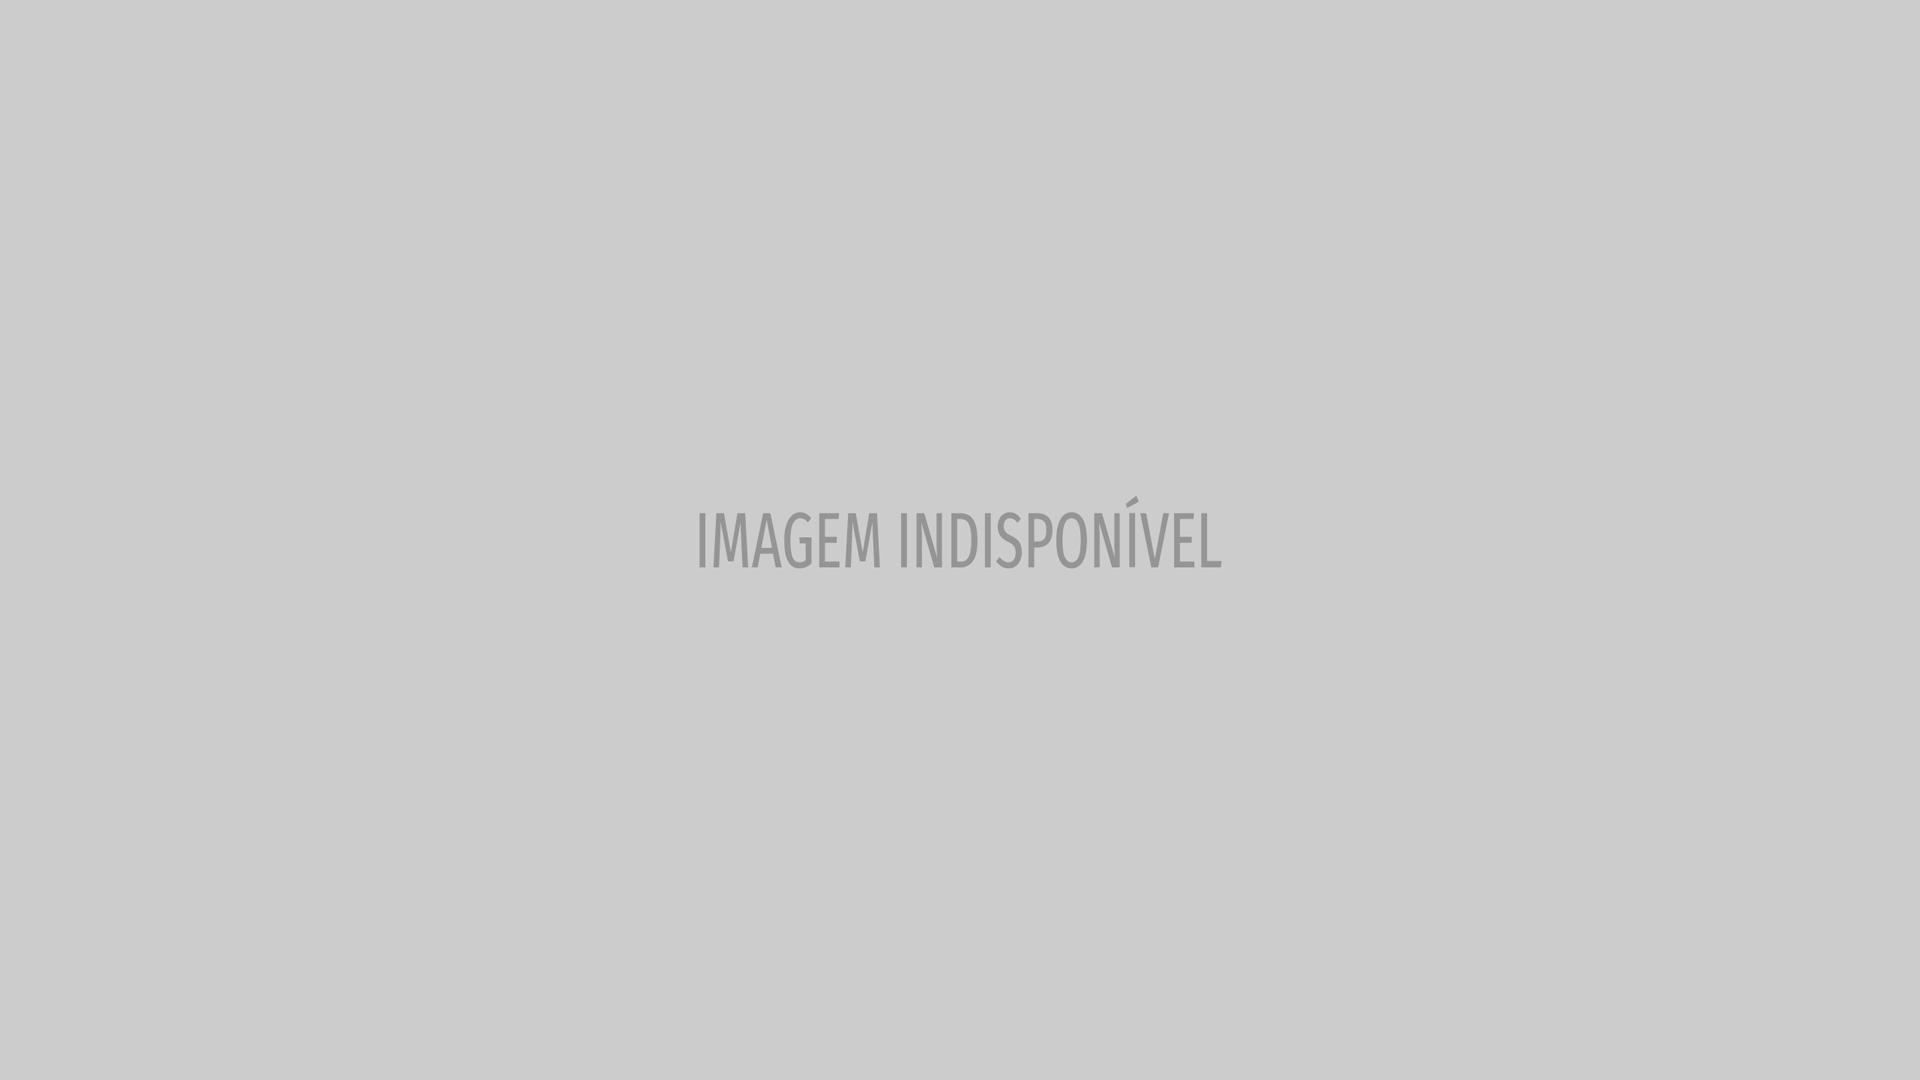 Há atletas nos Jogos Olímpicos à procura de mais do que uma medalha